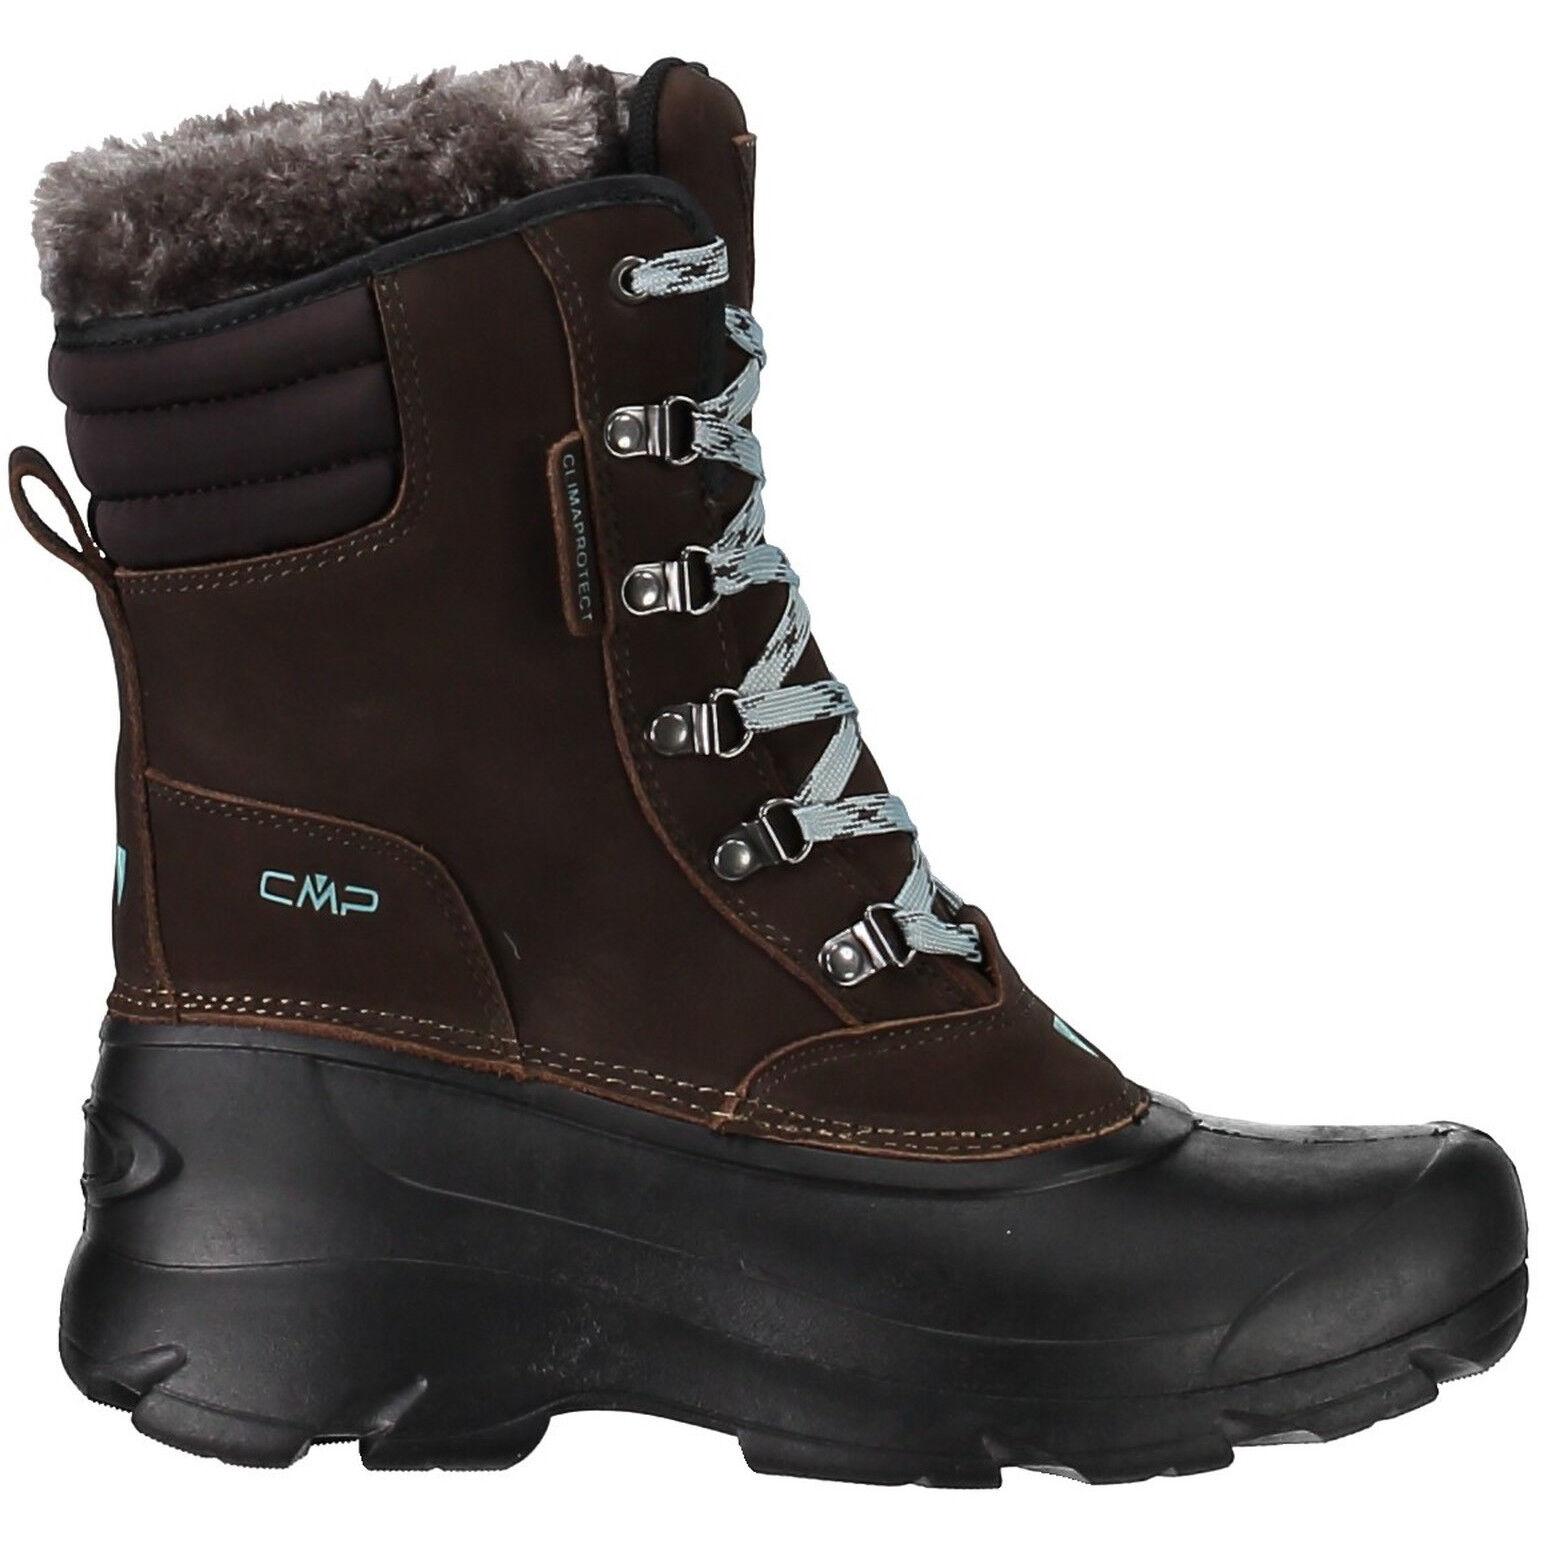 Wp Boots Damen Campagnolo Snow Kinos 0 Cmp Opale 2 Arabica thdsQxrC